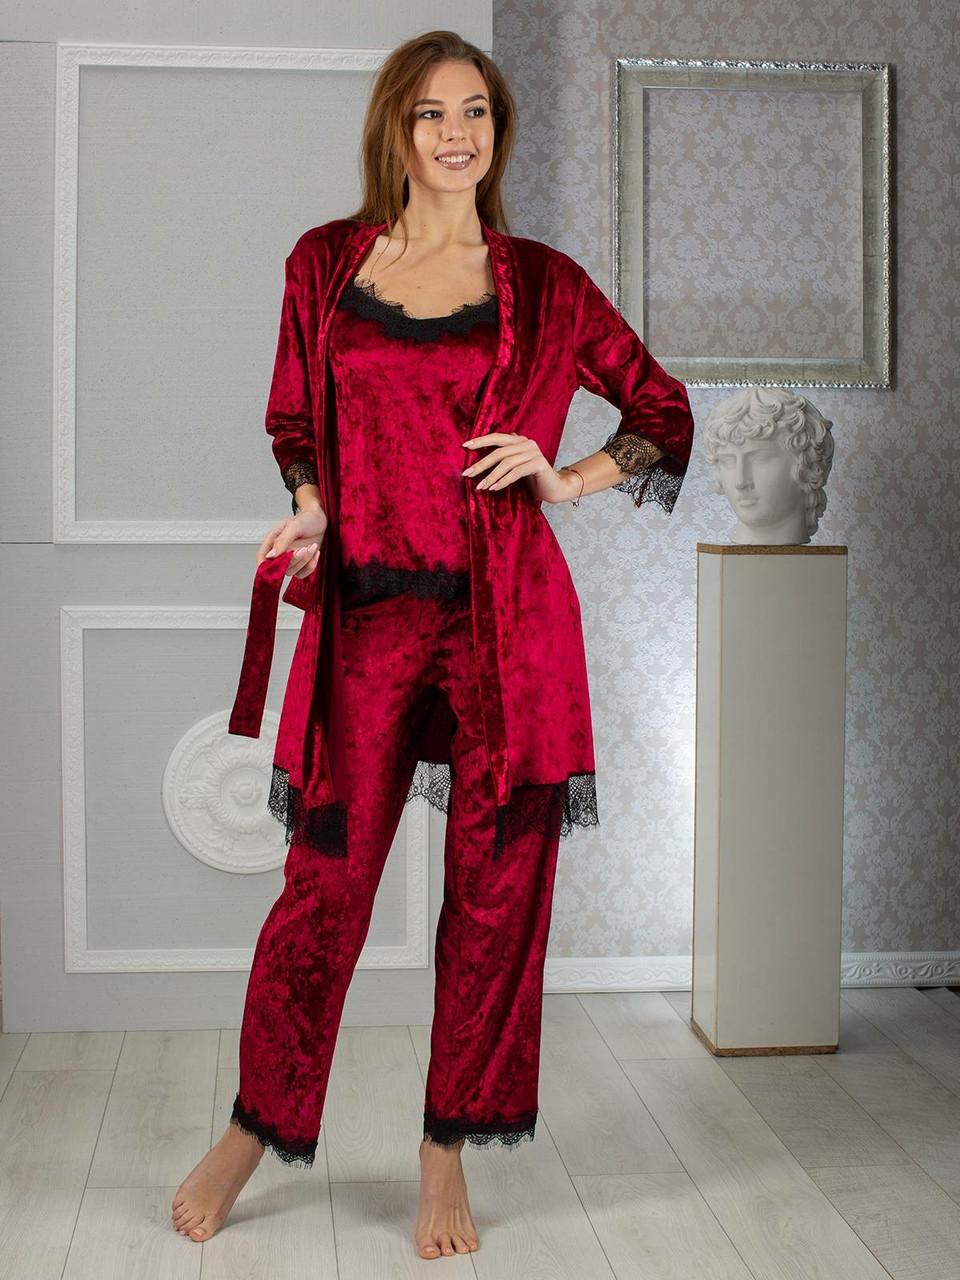 Женская красивая пижама тройка бархат 42 44 46 48 размеры есть цвета